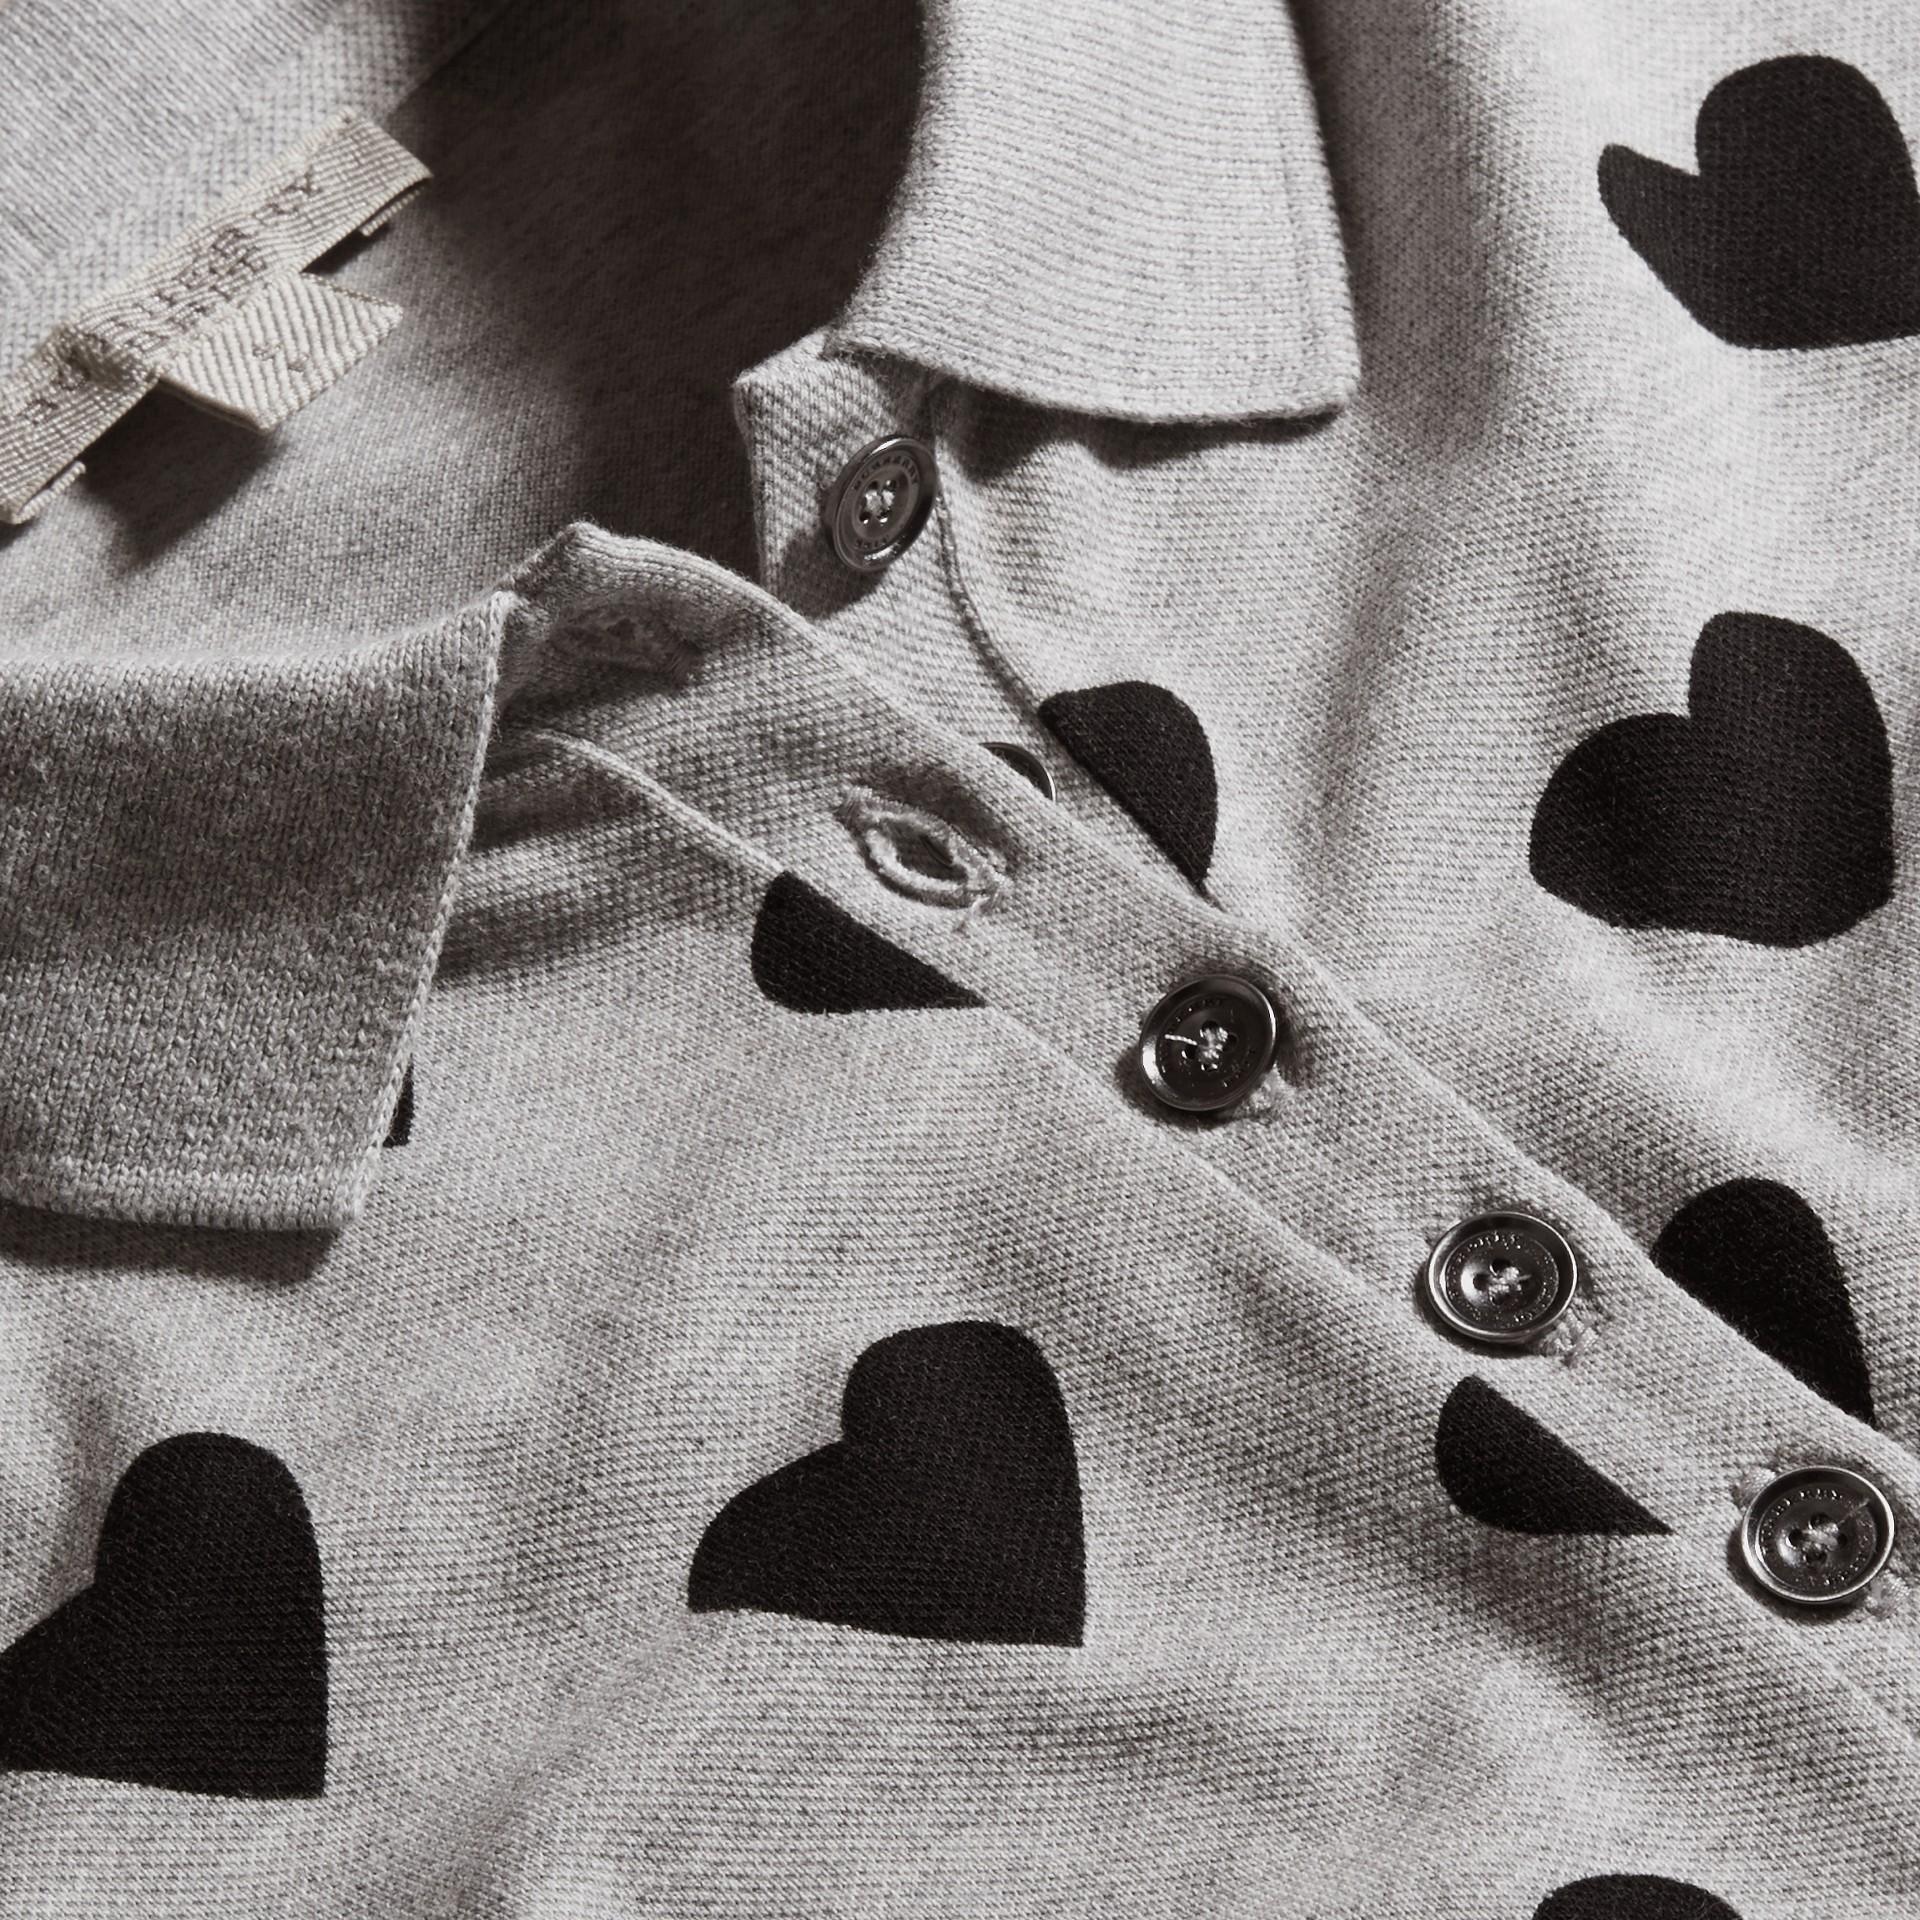 Grigio Polo in cotone piqué stretch con stampa a cuori Grigio - immagine della galleria 2